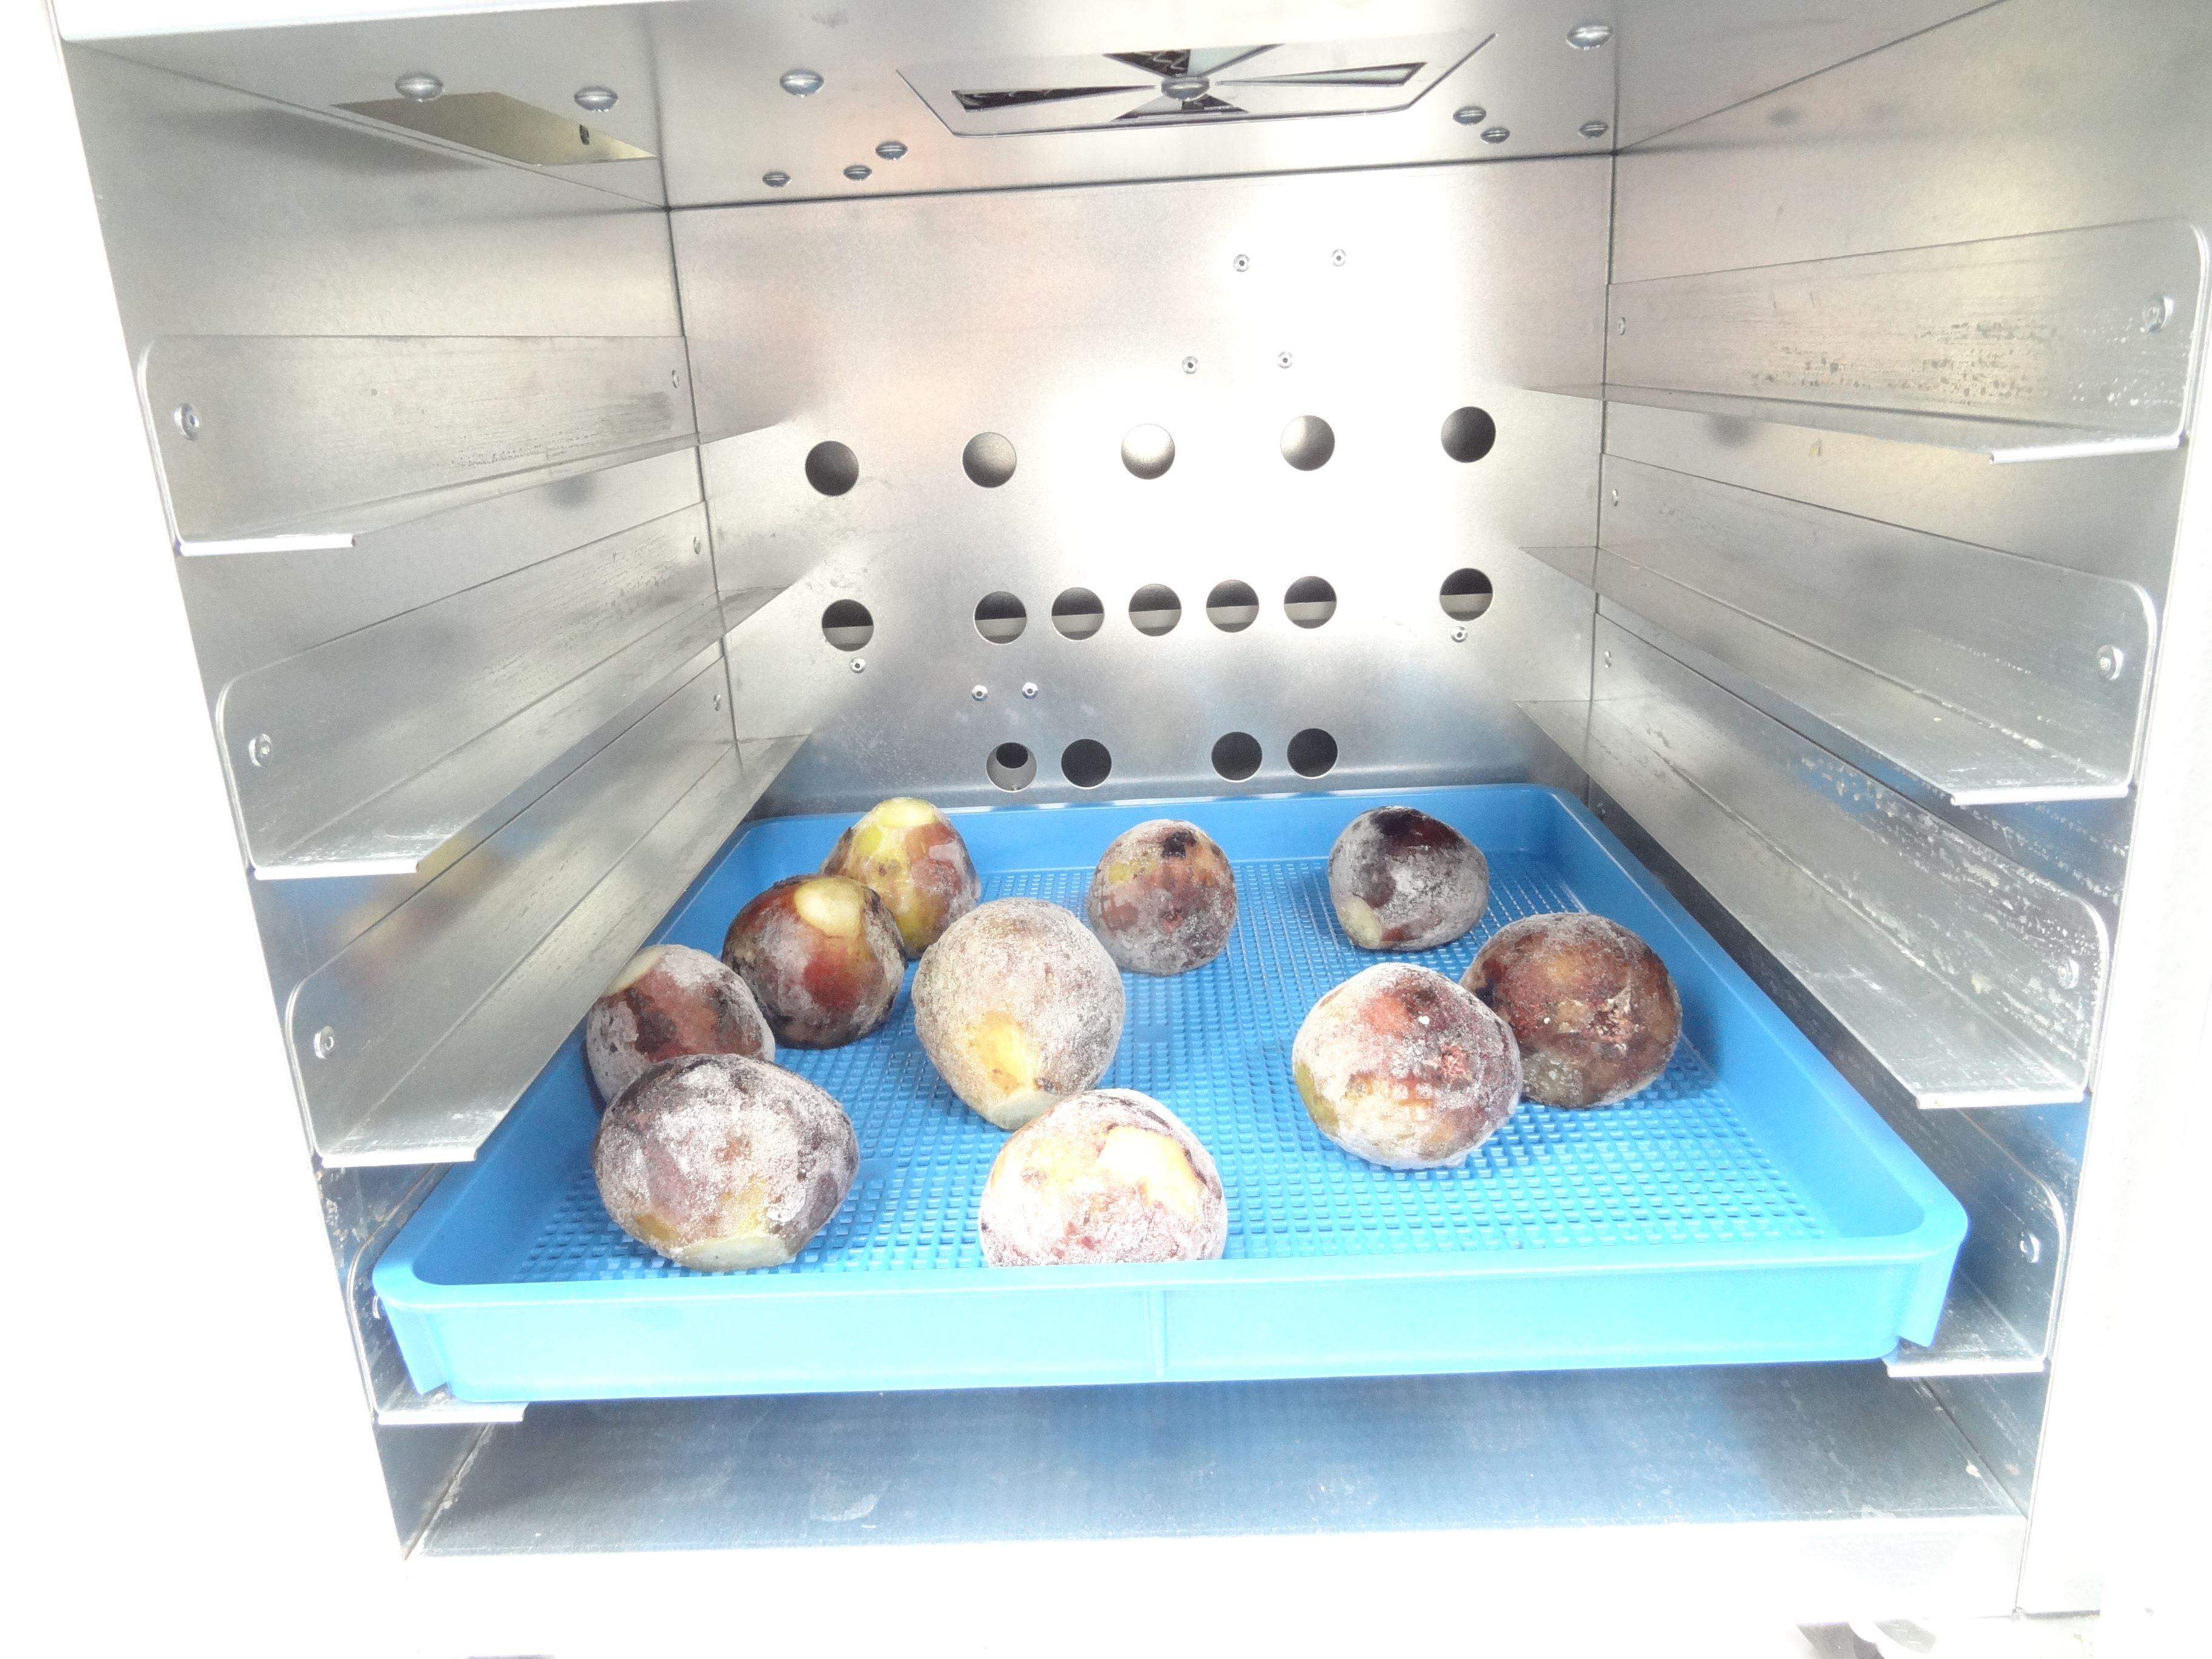 果物乾燥機プチミニⅡでいちじくの乾燥